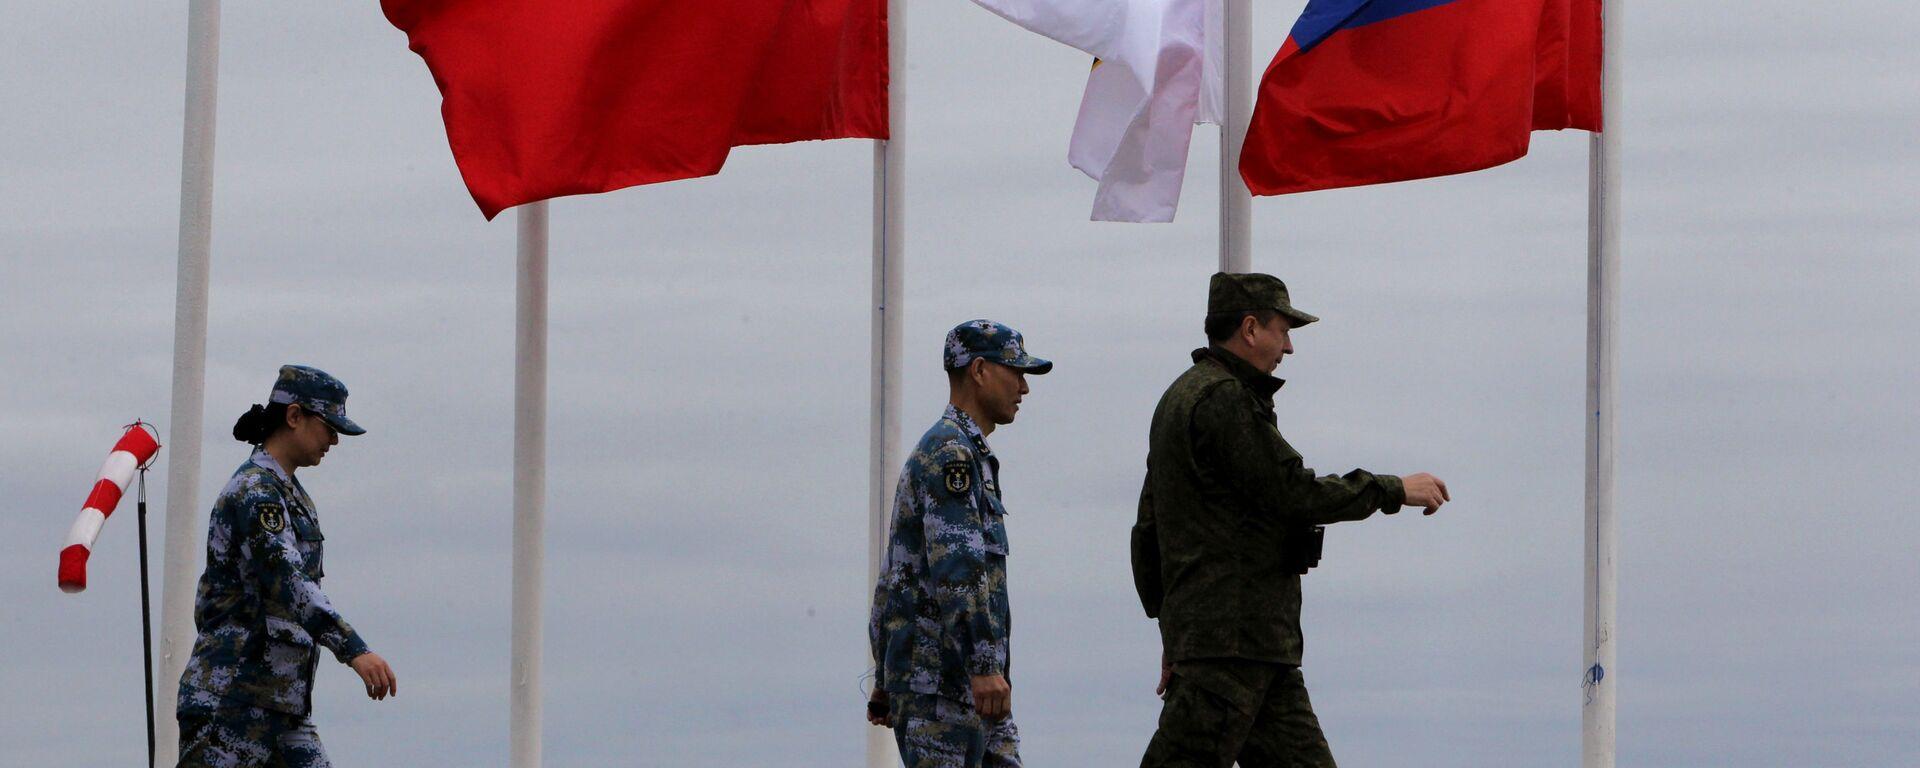 Российско-китайские военно-морския учения  - Sputnik Таджикистан, 1920, 11.08.2021